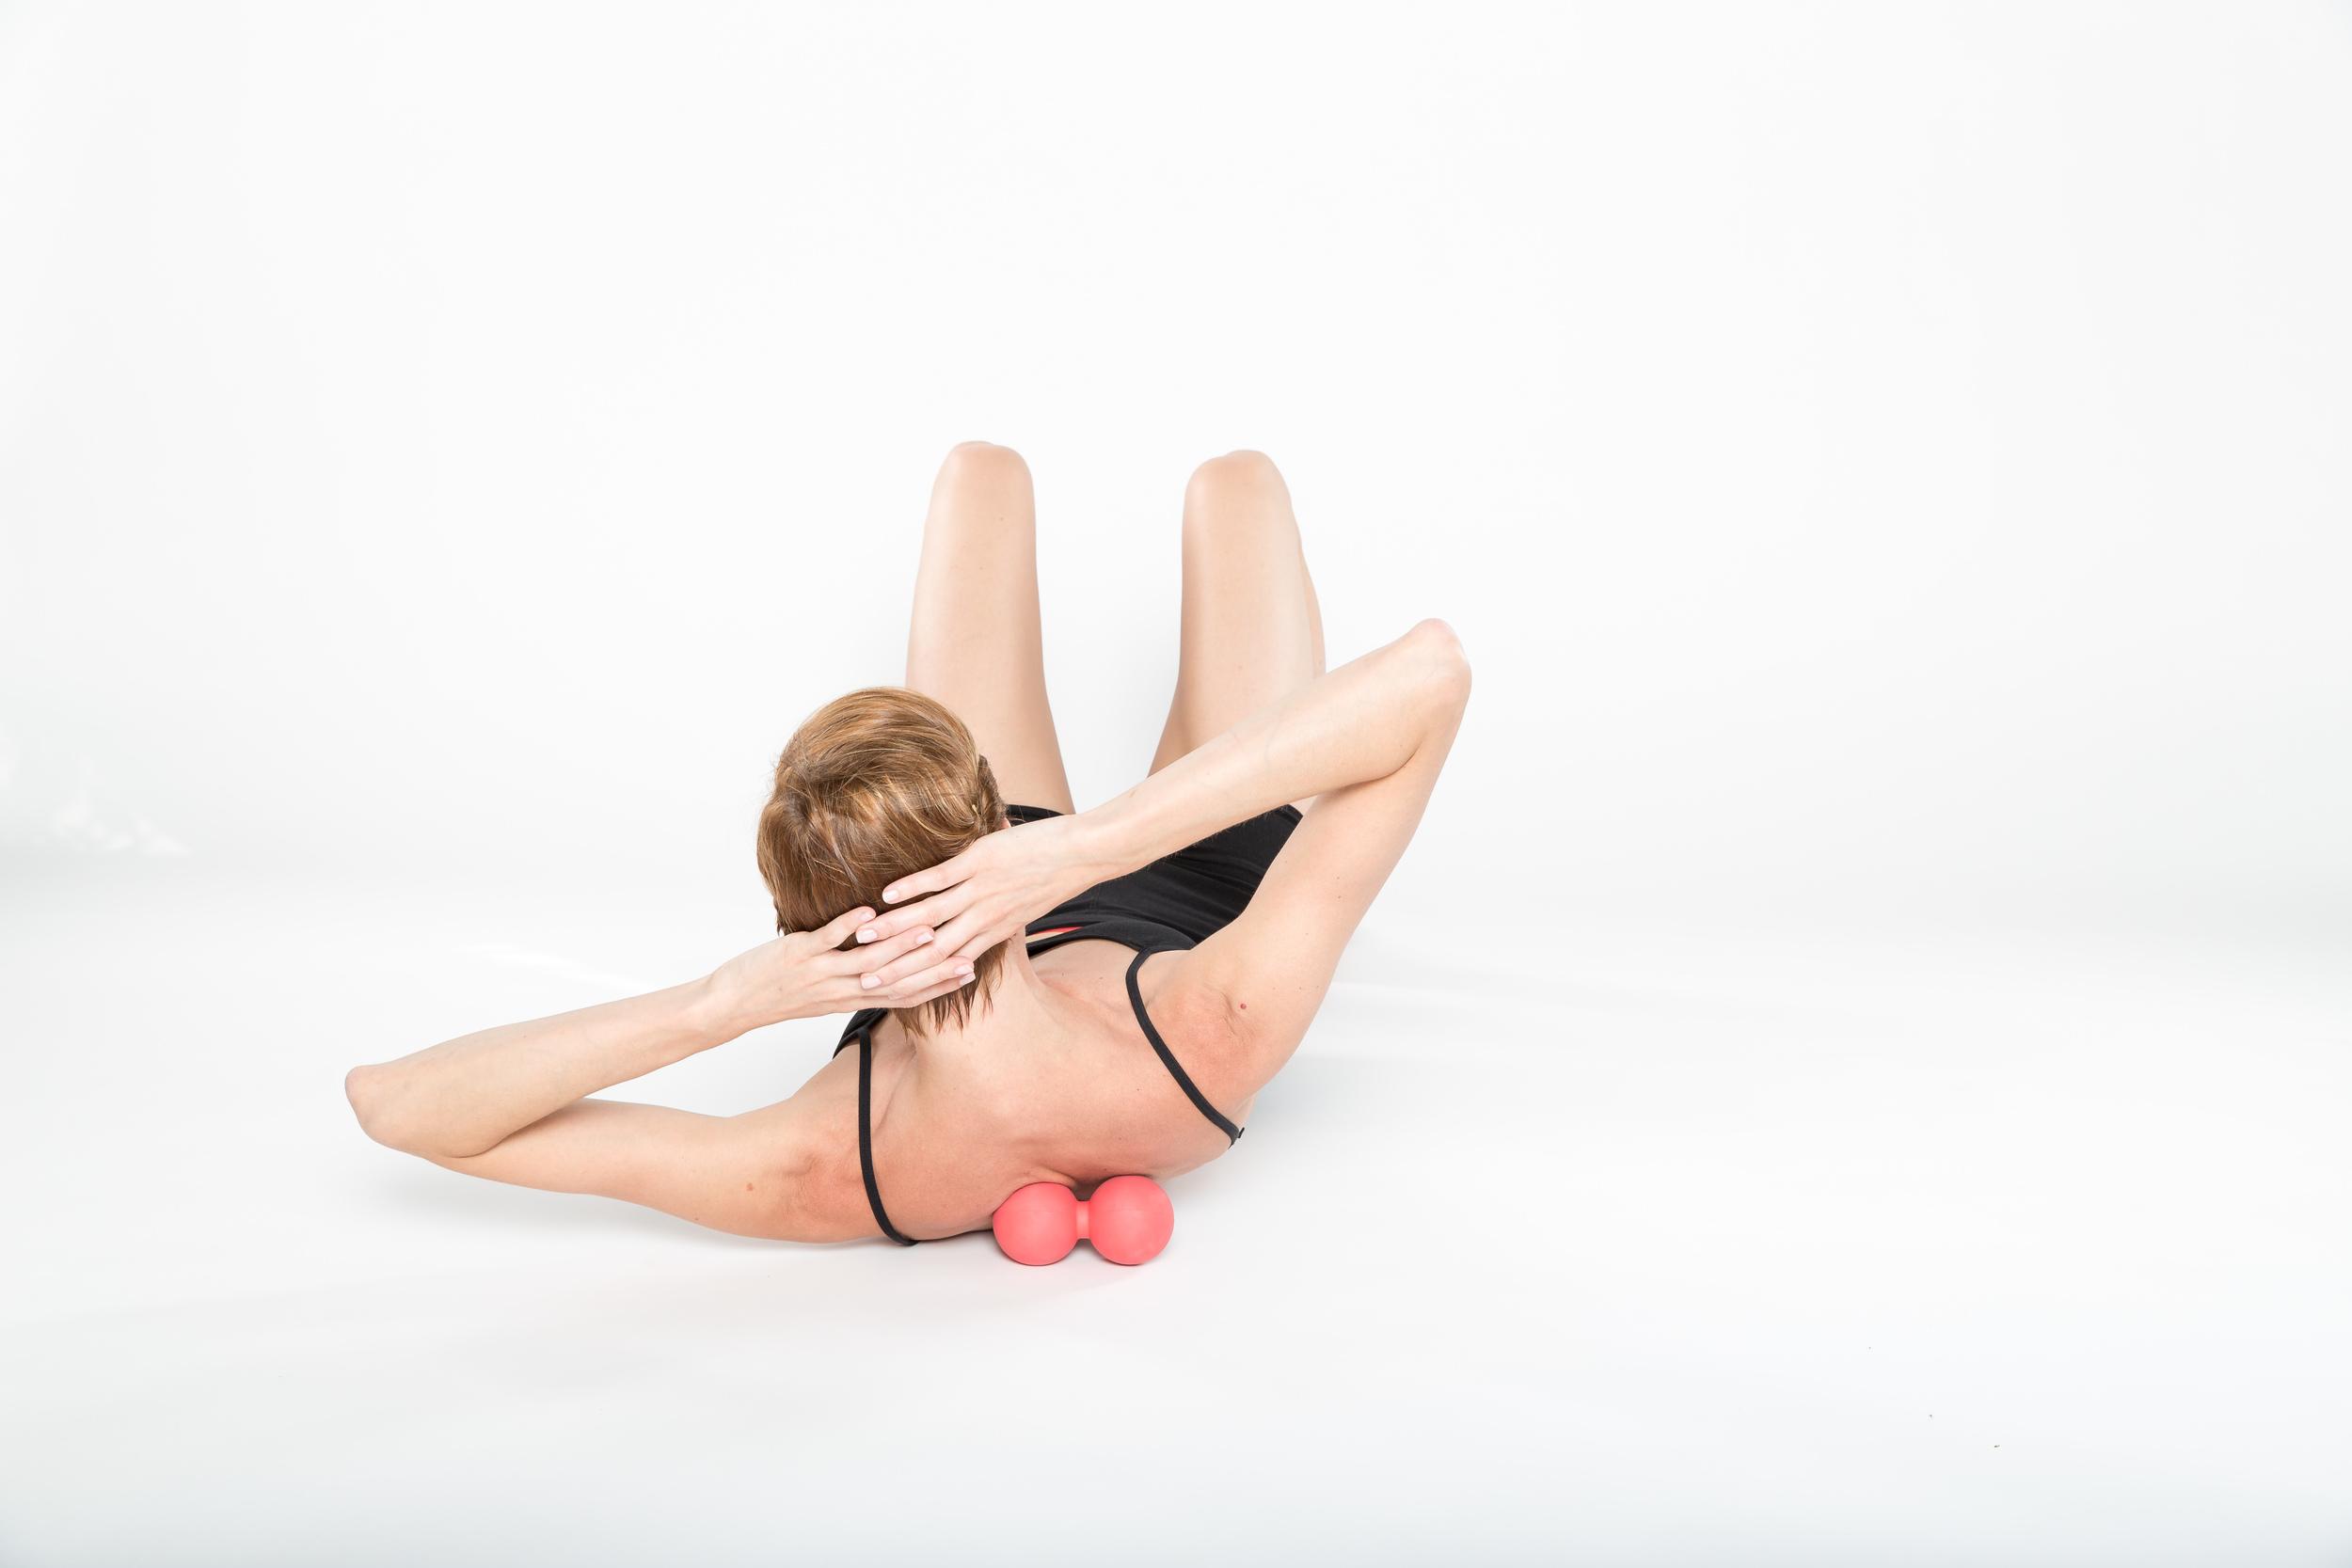 Flexistretcher_MassageBalls_05232016-101.jpg